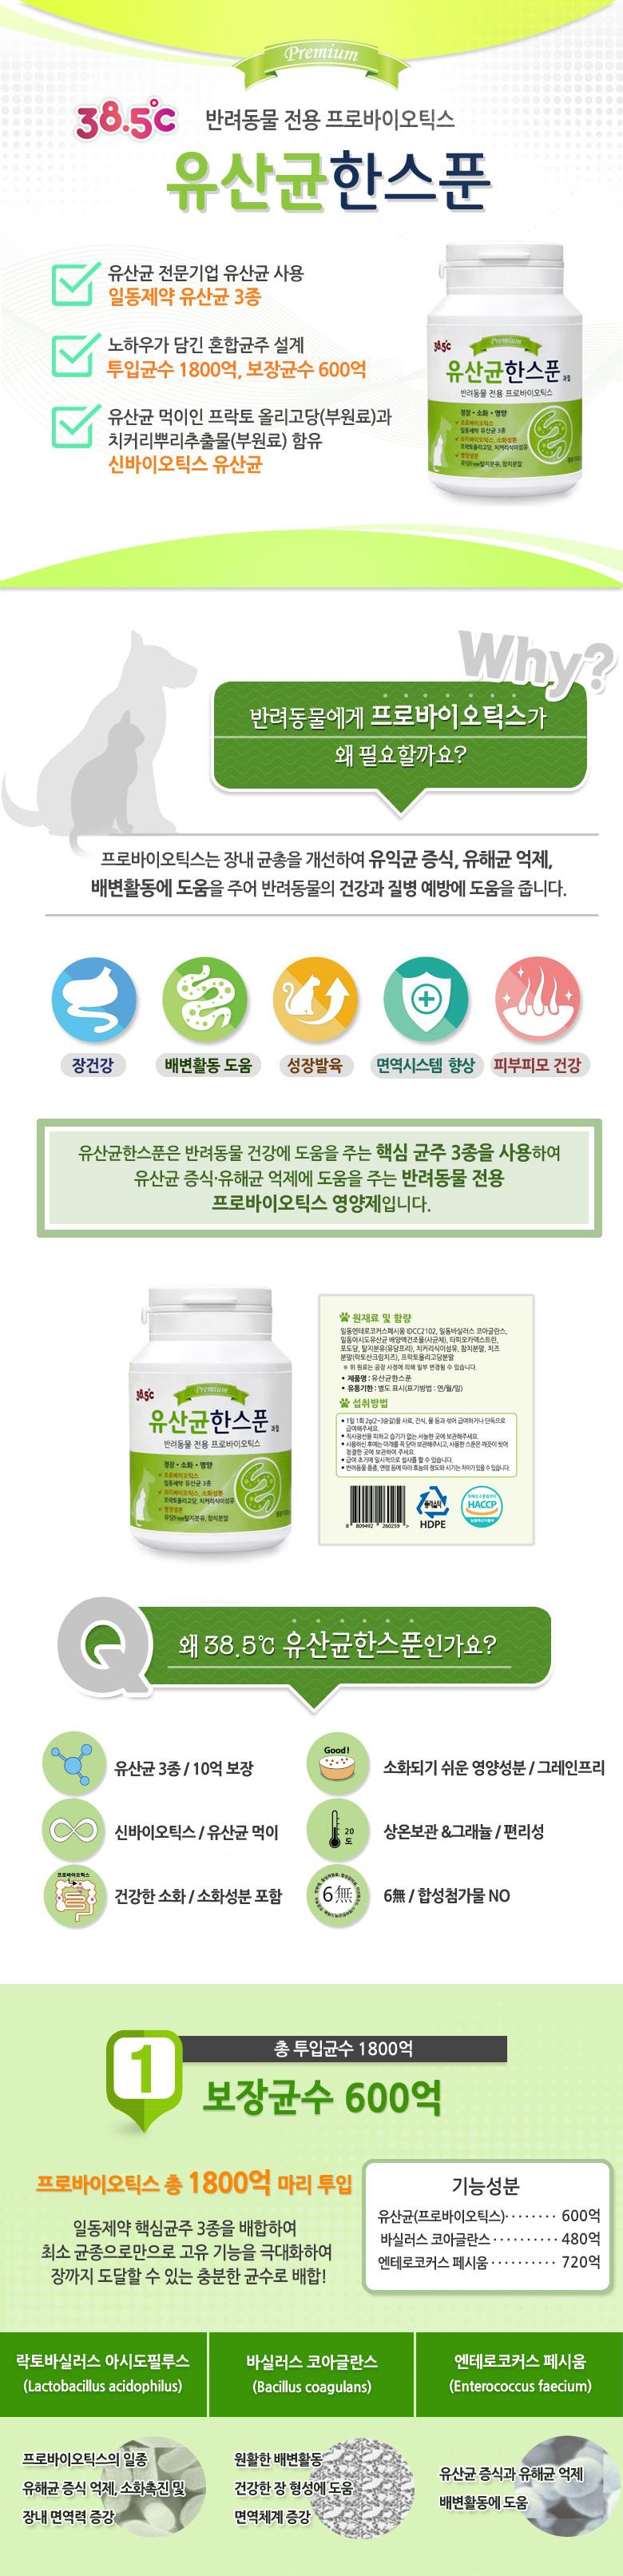 강아지 고양이 전용 프로바이오틱스 - 유산균한스푼 - 38.5, 25,000원, 간식/영양제, 영양보호제